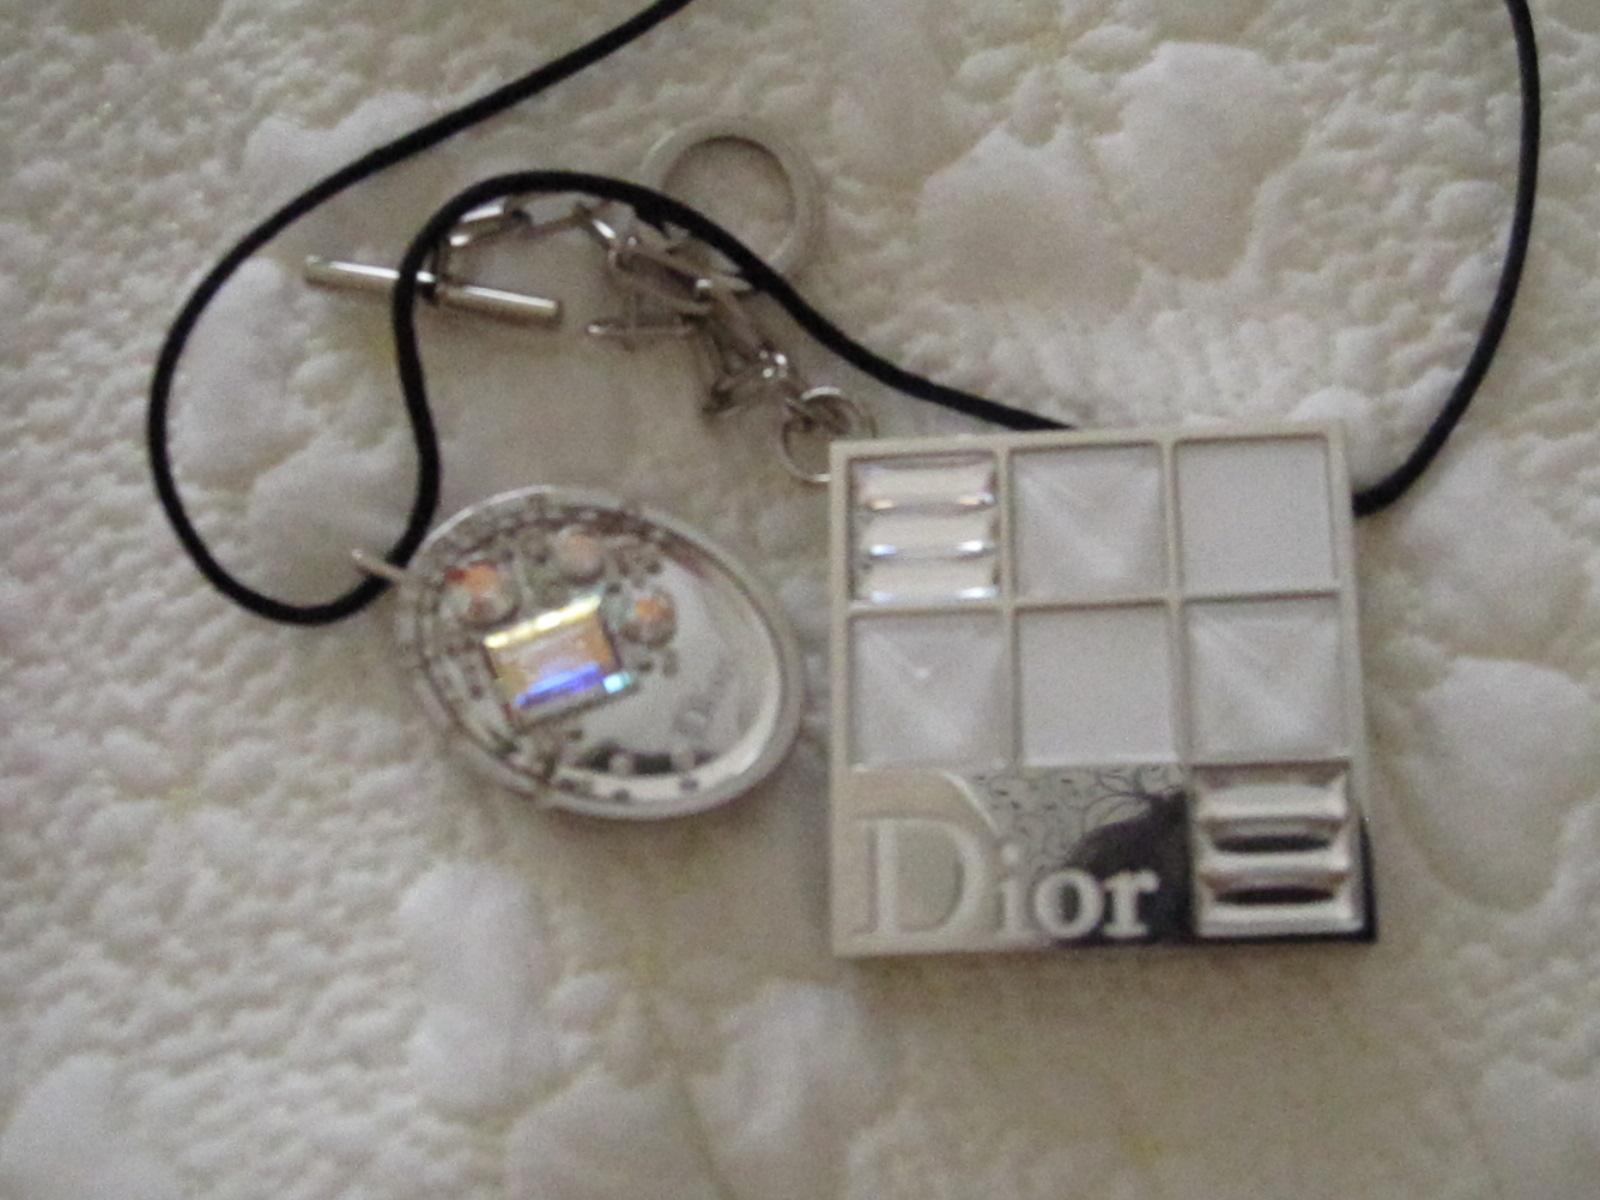 这2个是dior家的限量版唇彩